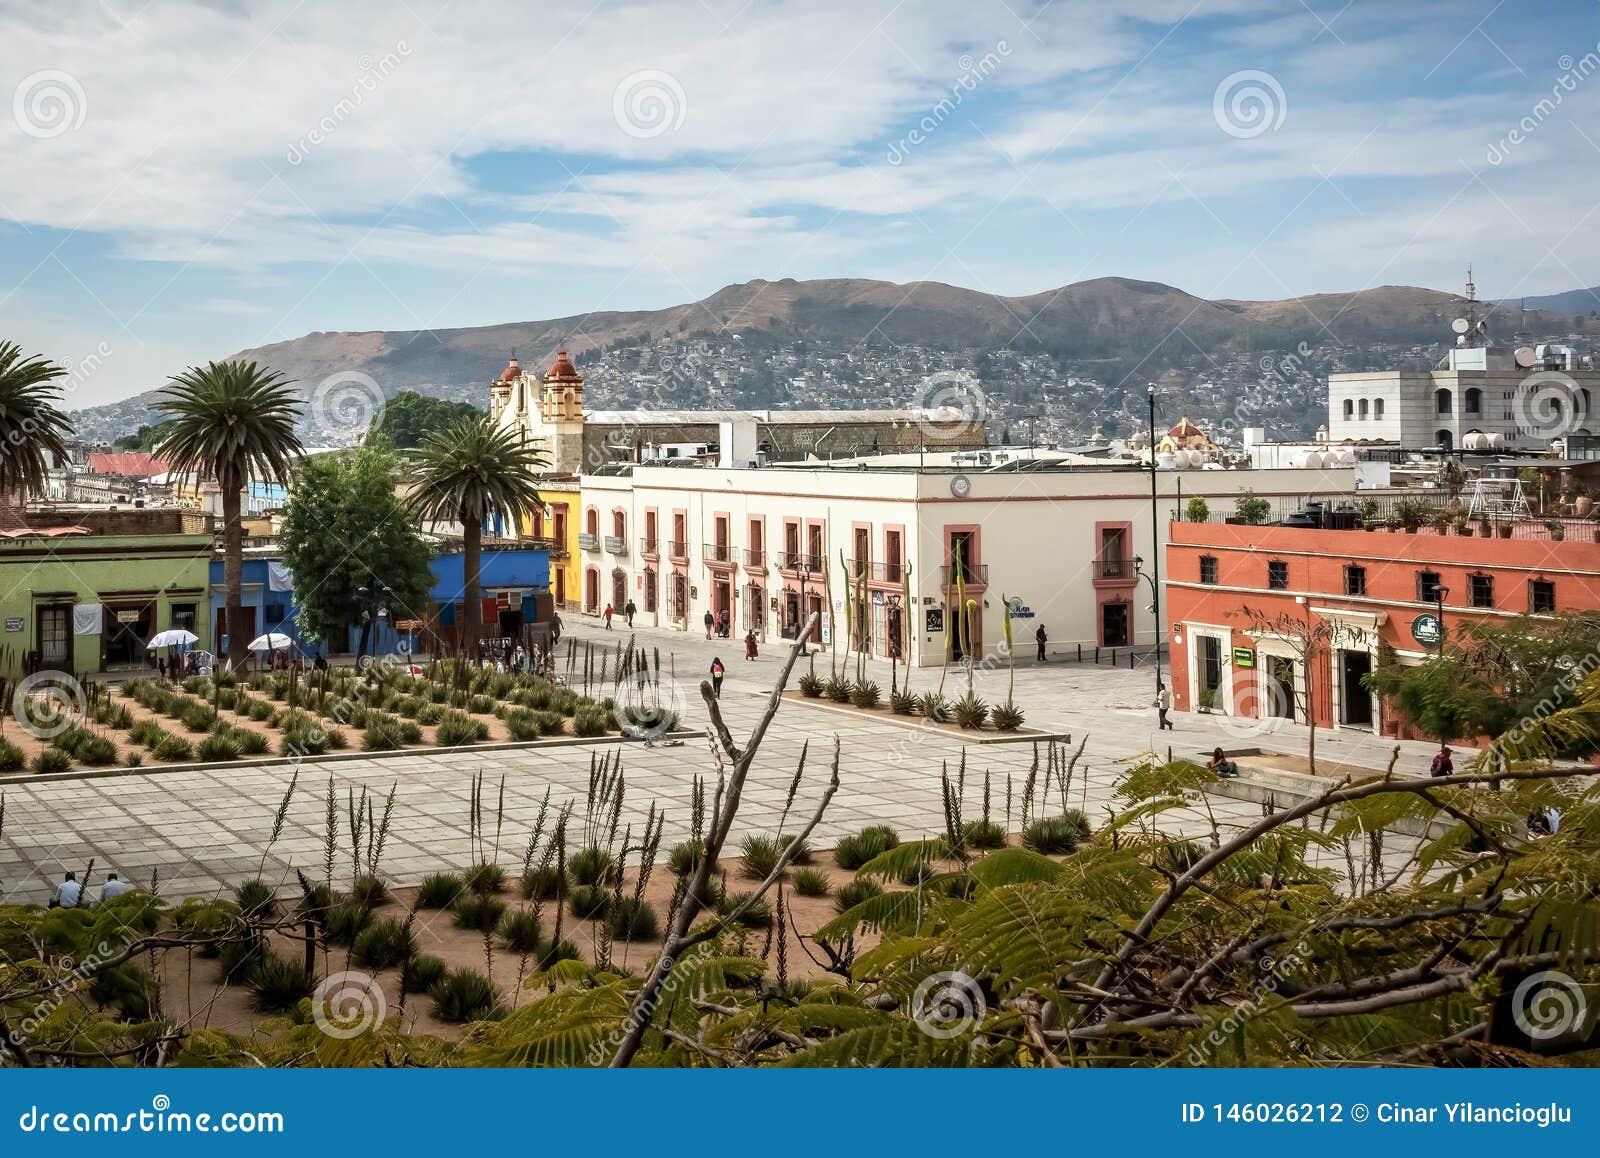 瓦哈卡de JuA ¡ rez,瓦哈卡,墨西哥正方形的仙人掌庭院